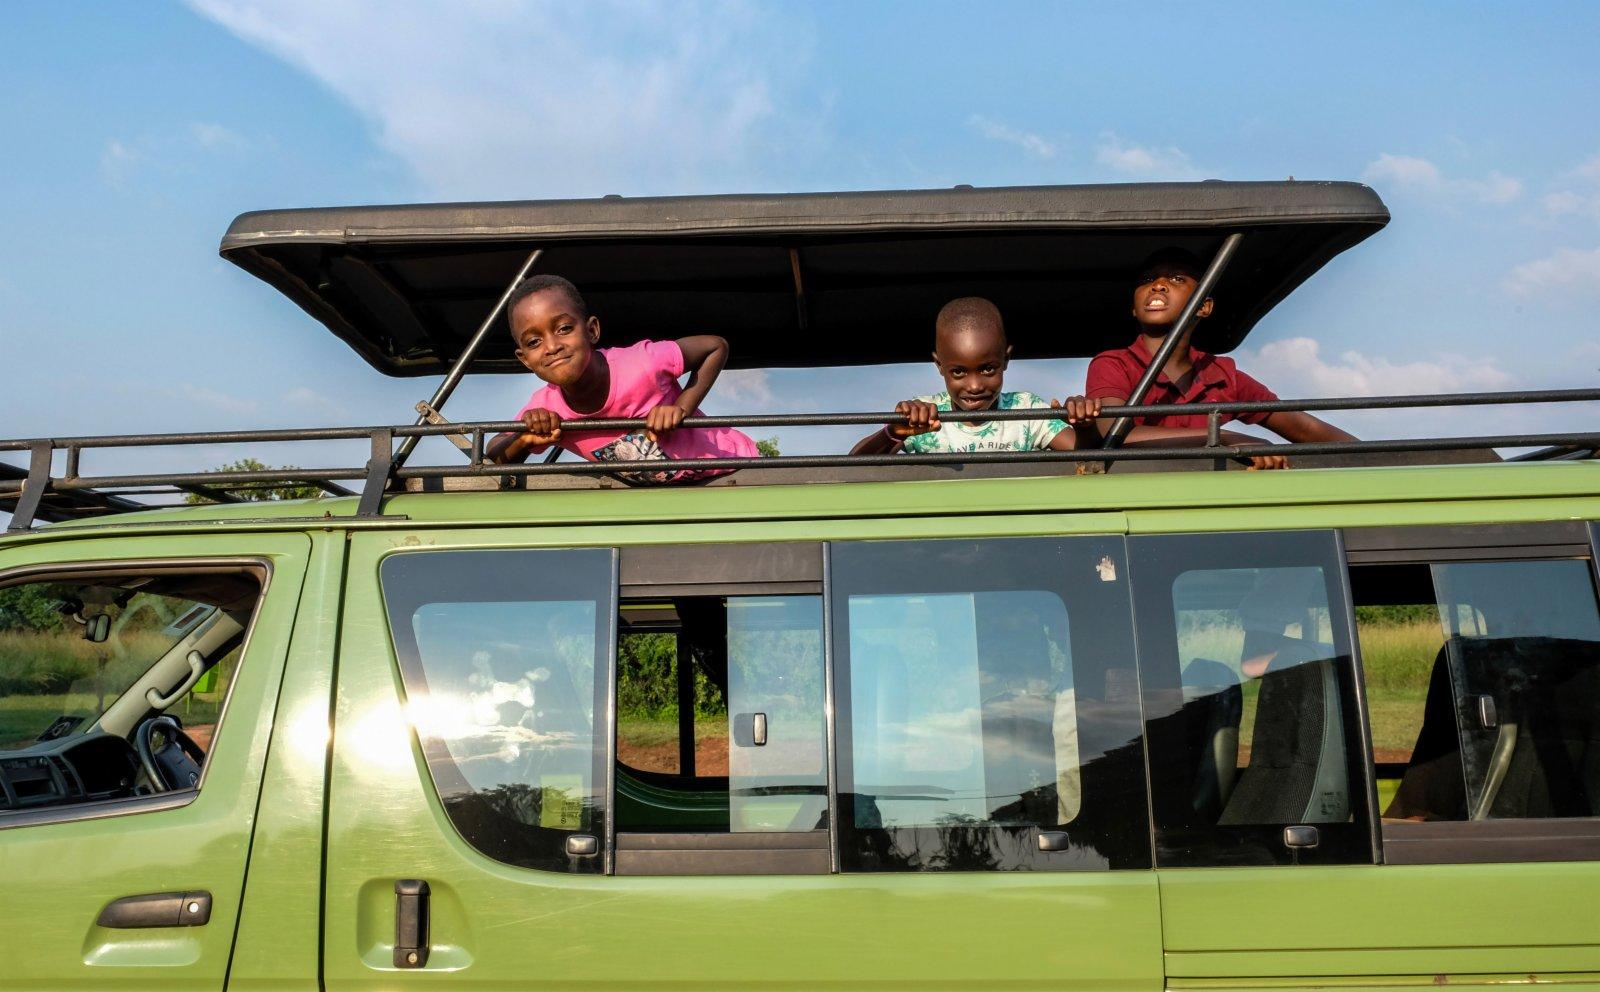 7月29日,在位於烏干達卡邦區的基代波河谷國家公園裡,孩子們乘車獵遊。(新華社)